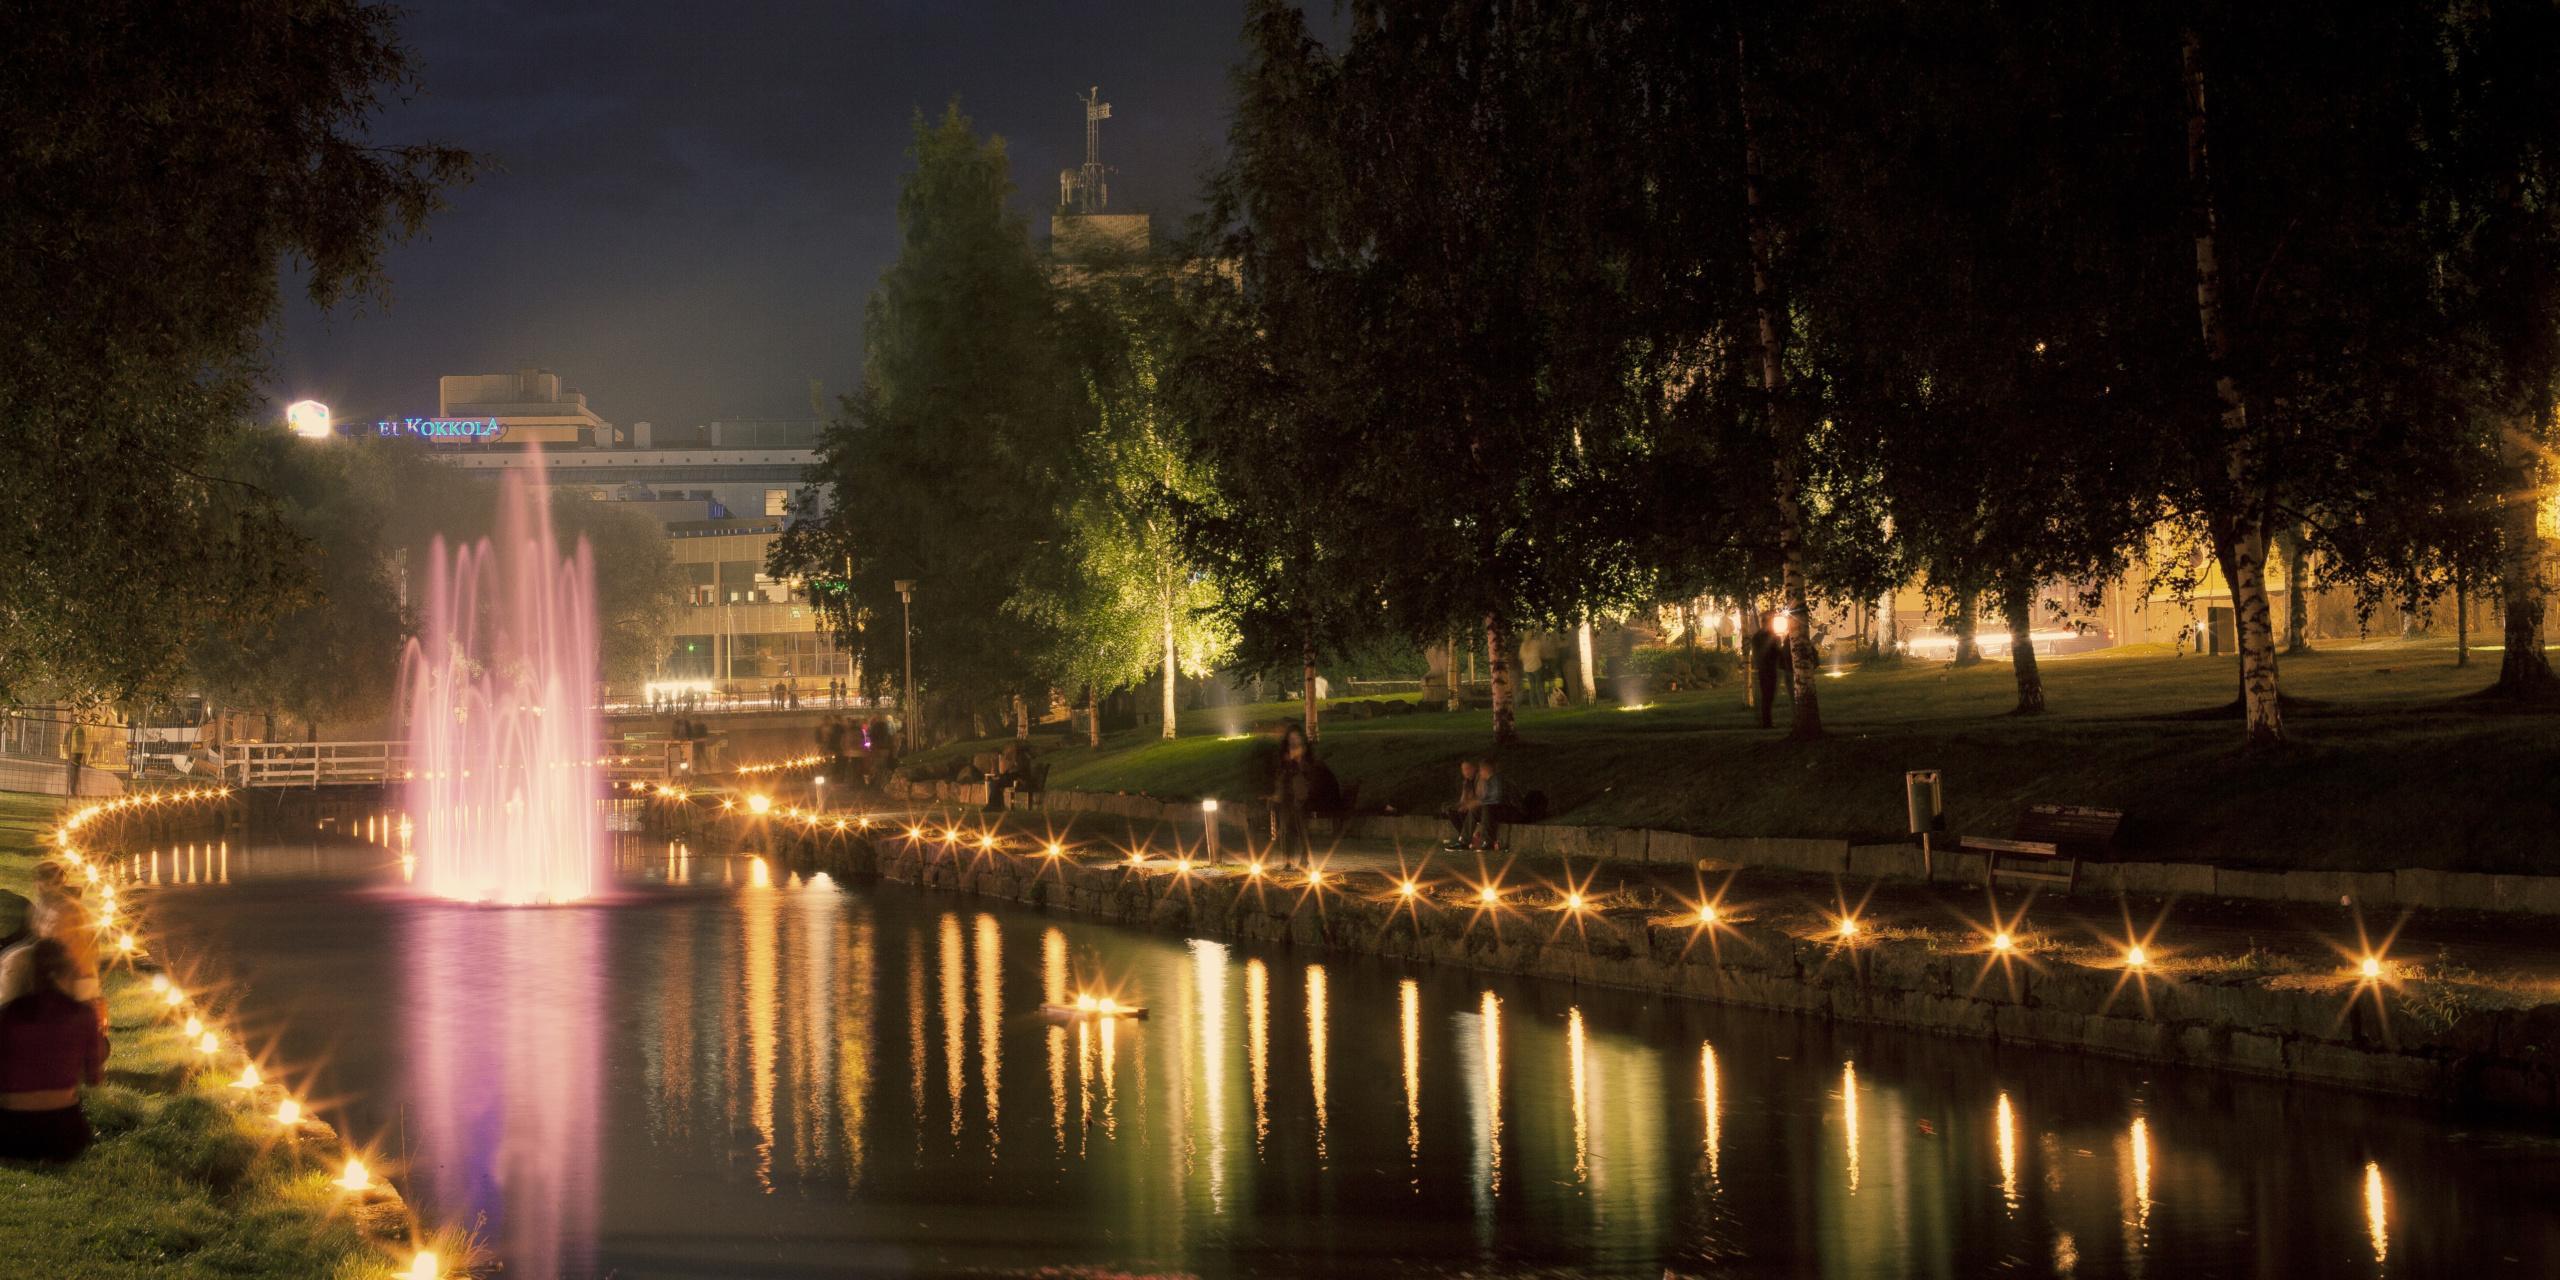 Iltakuva kanaalista ja sen korkeasta värikkäästi valaistusta suihlkulähteestä. Kanaalin reunoille aseteltu tiheät valorivistöt, ehkä kynttilät ja taustan puiston puita on valaistu alhaaltapäin. Puistossa on ihmisiä ja kuvan taustalla kaupungin rakennuksia.